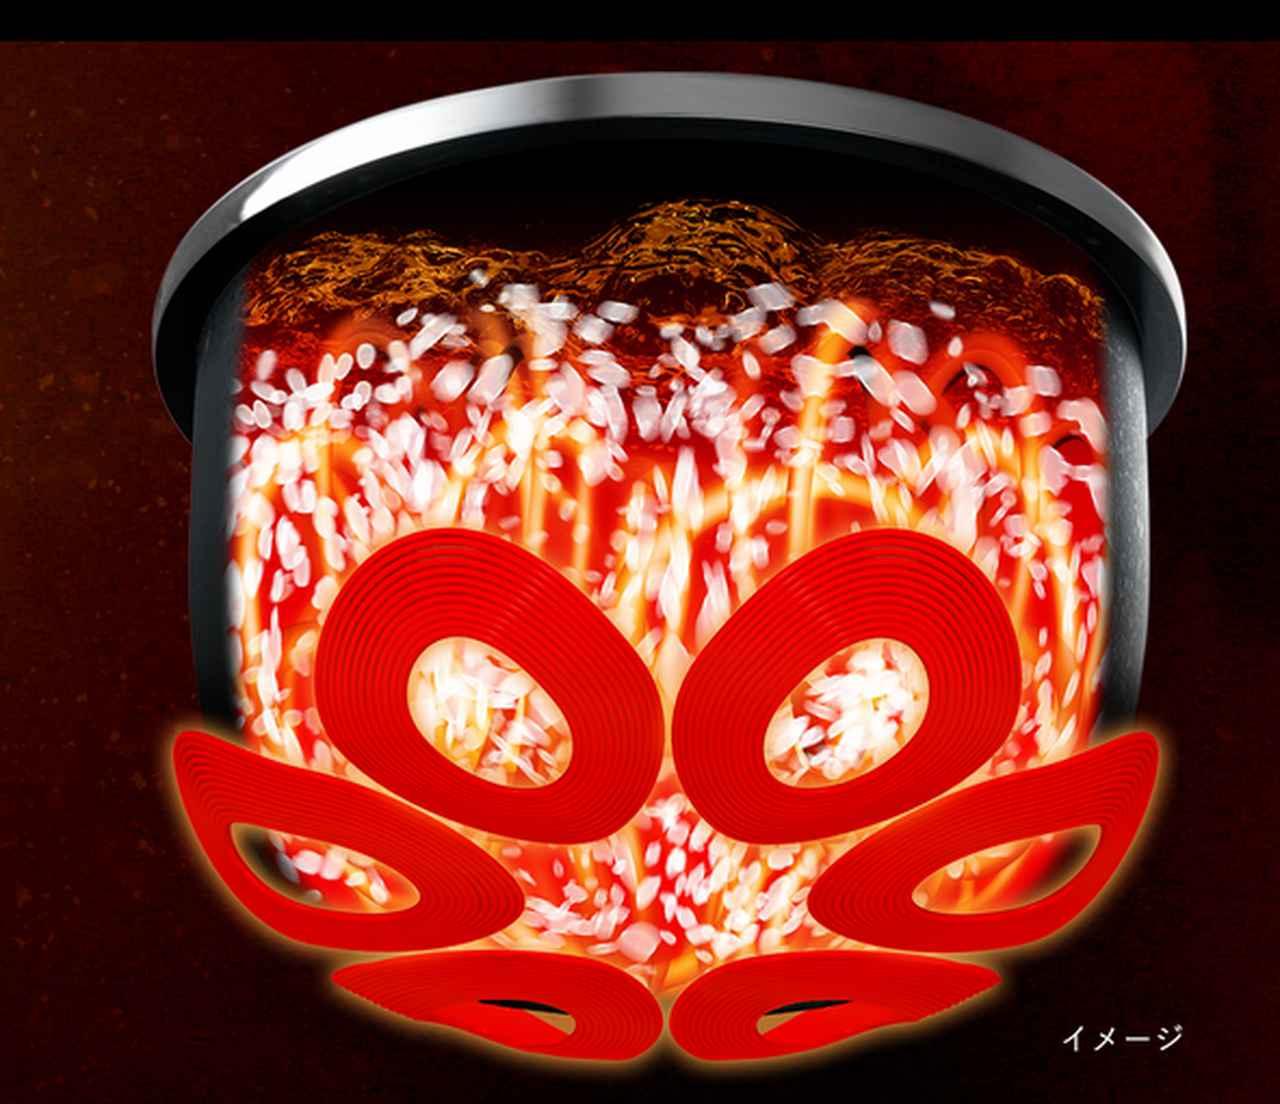 画像: 米が舞う! www.zojirushi.co.jp